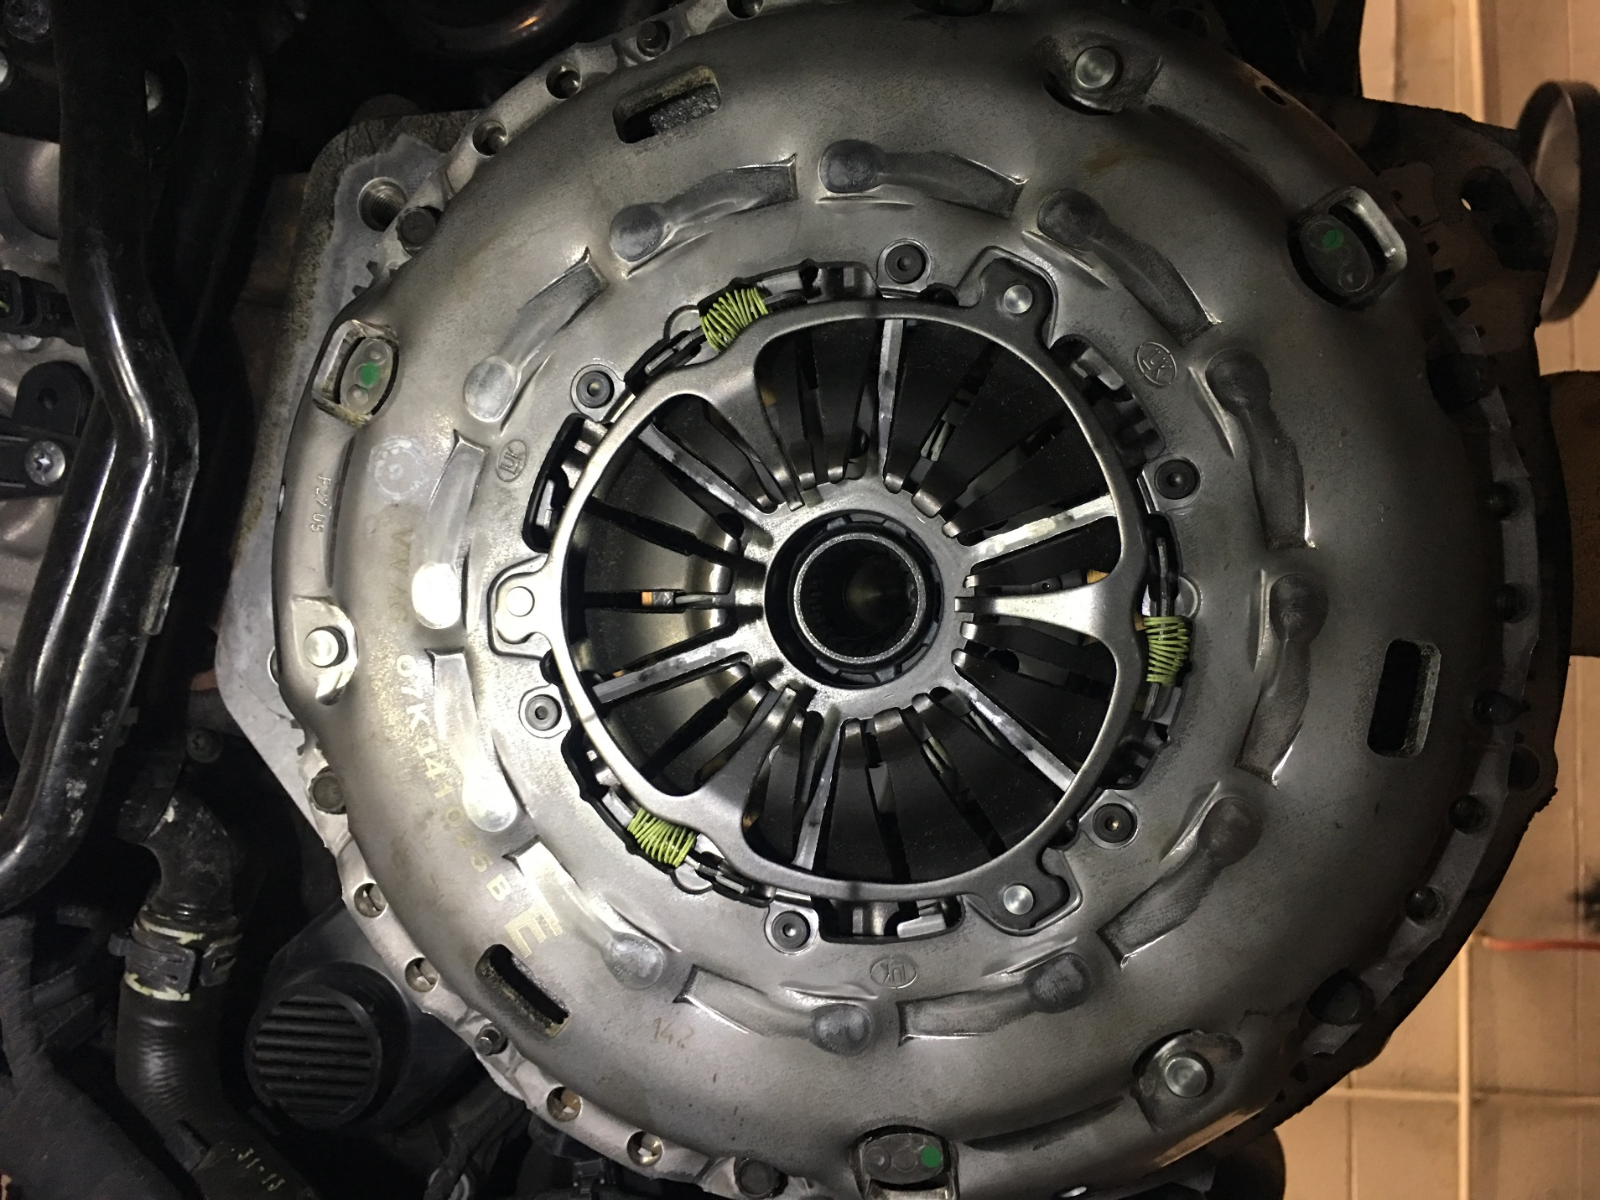 Audi TTRS Clutch Kit Install on MK7